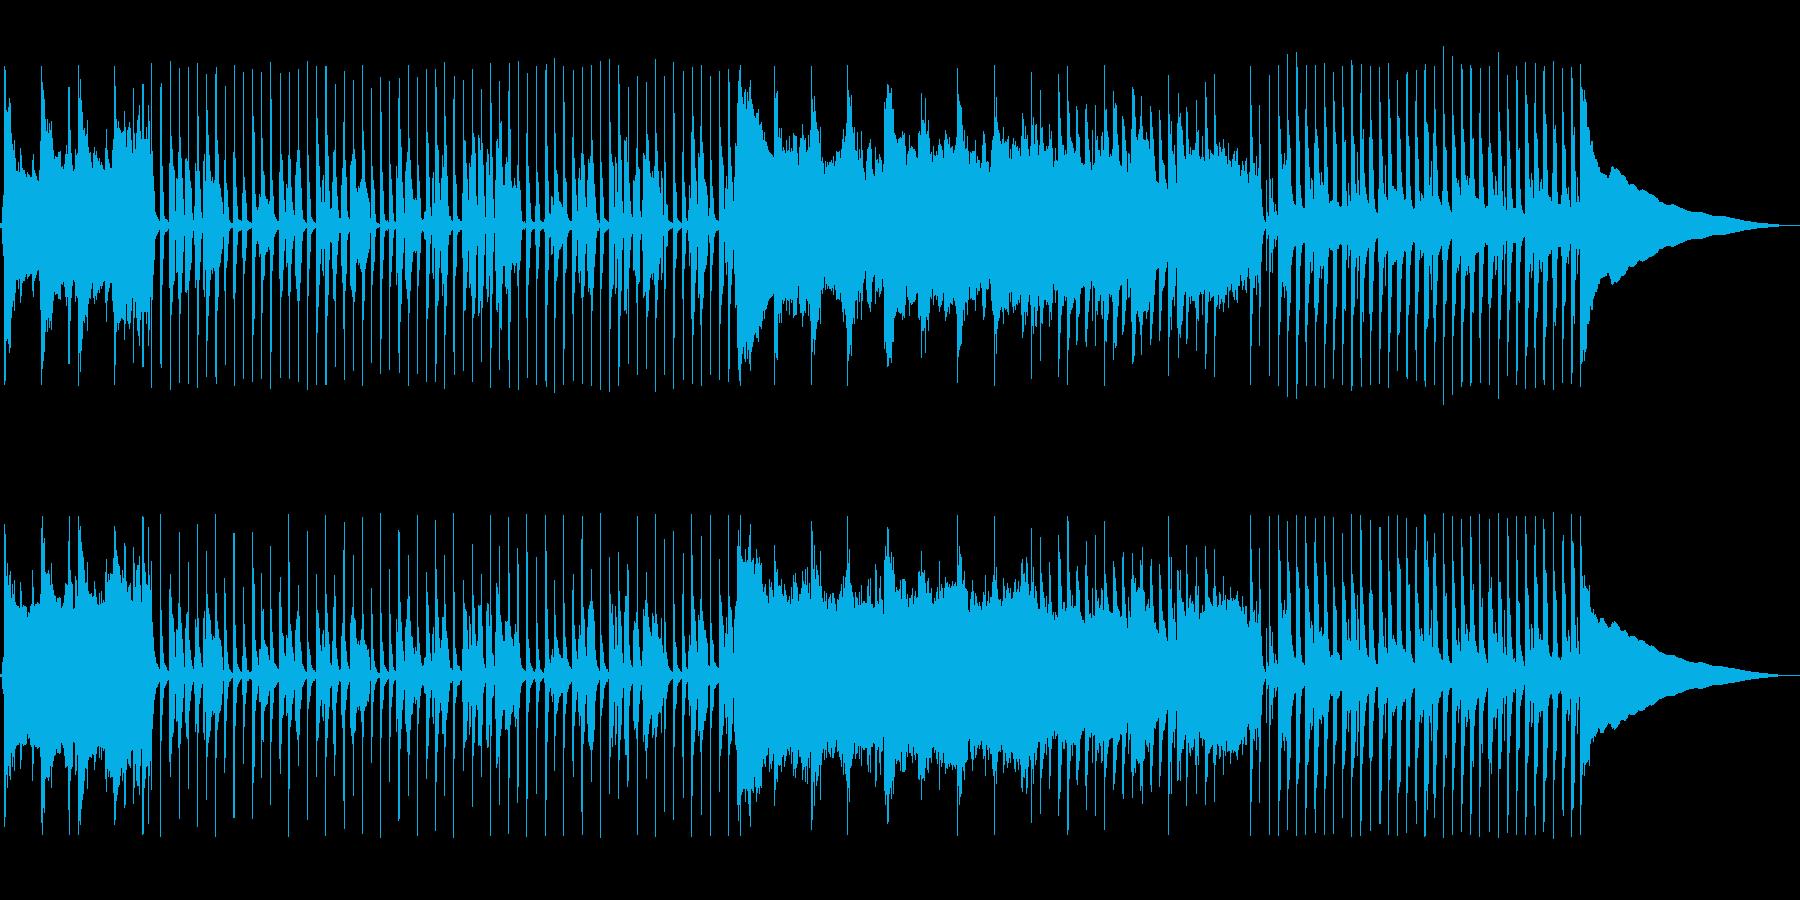 口笛と拍手がフレンドリーさを伝える楽曲の再生済みの波形